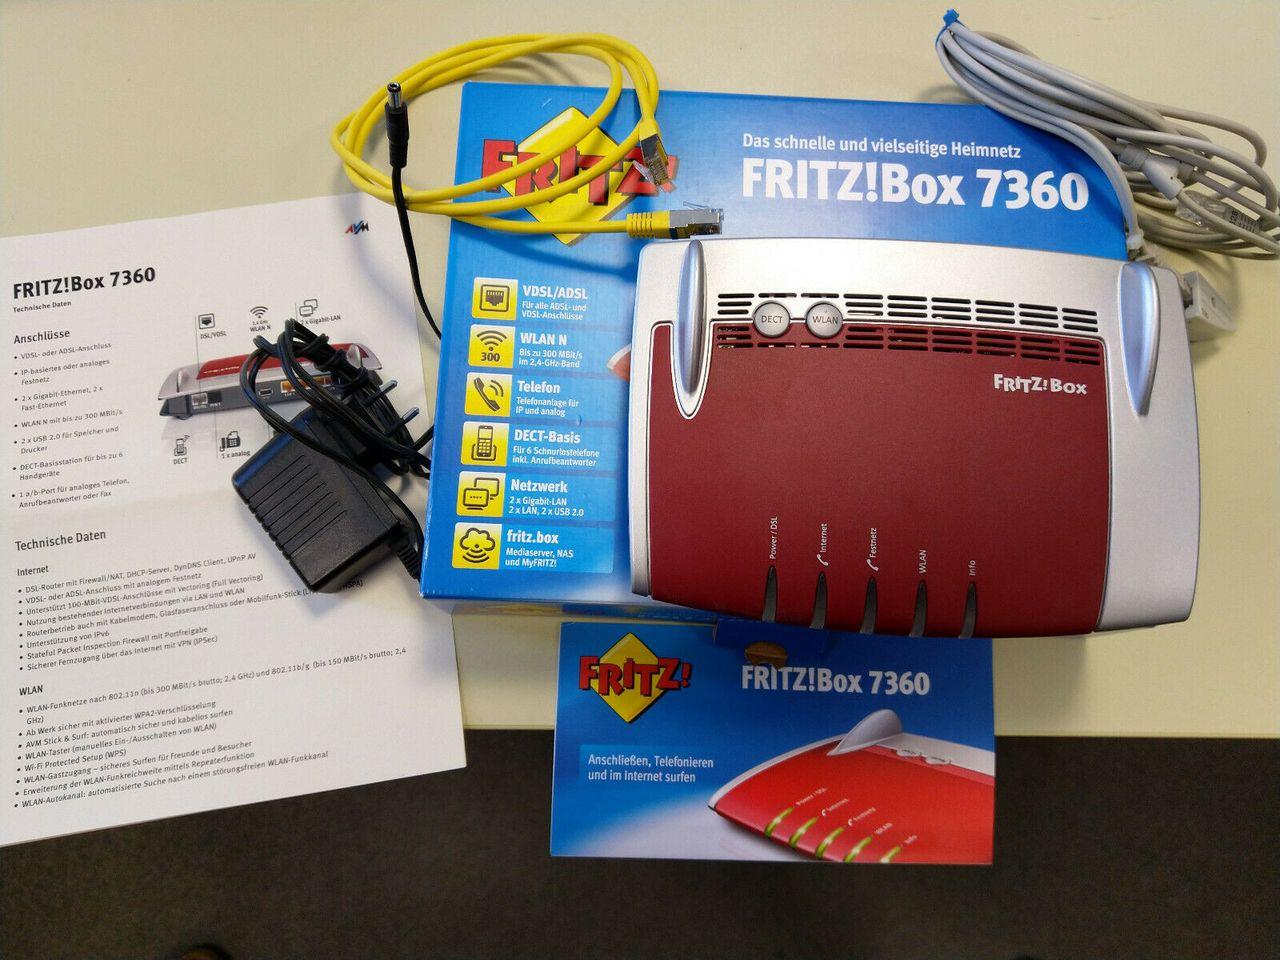 IT_Fritzbox7360